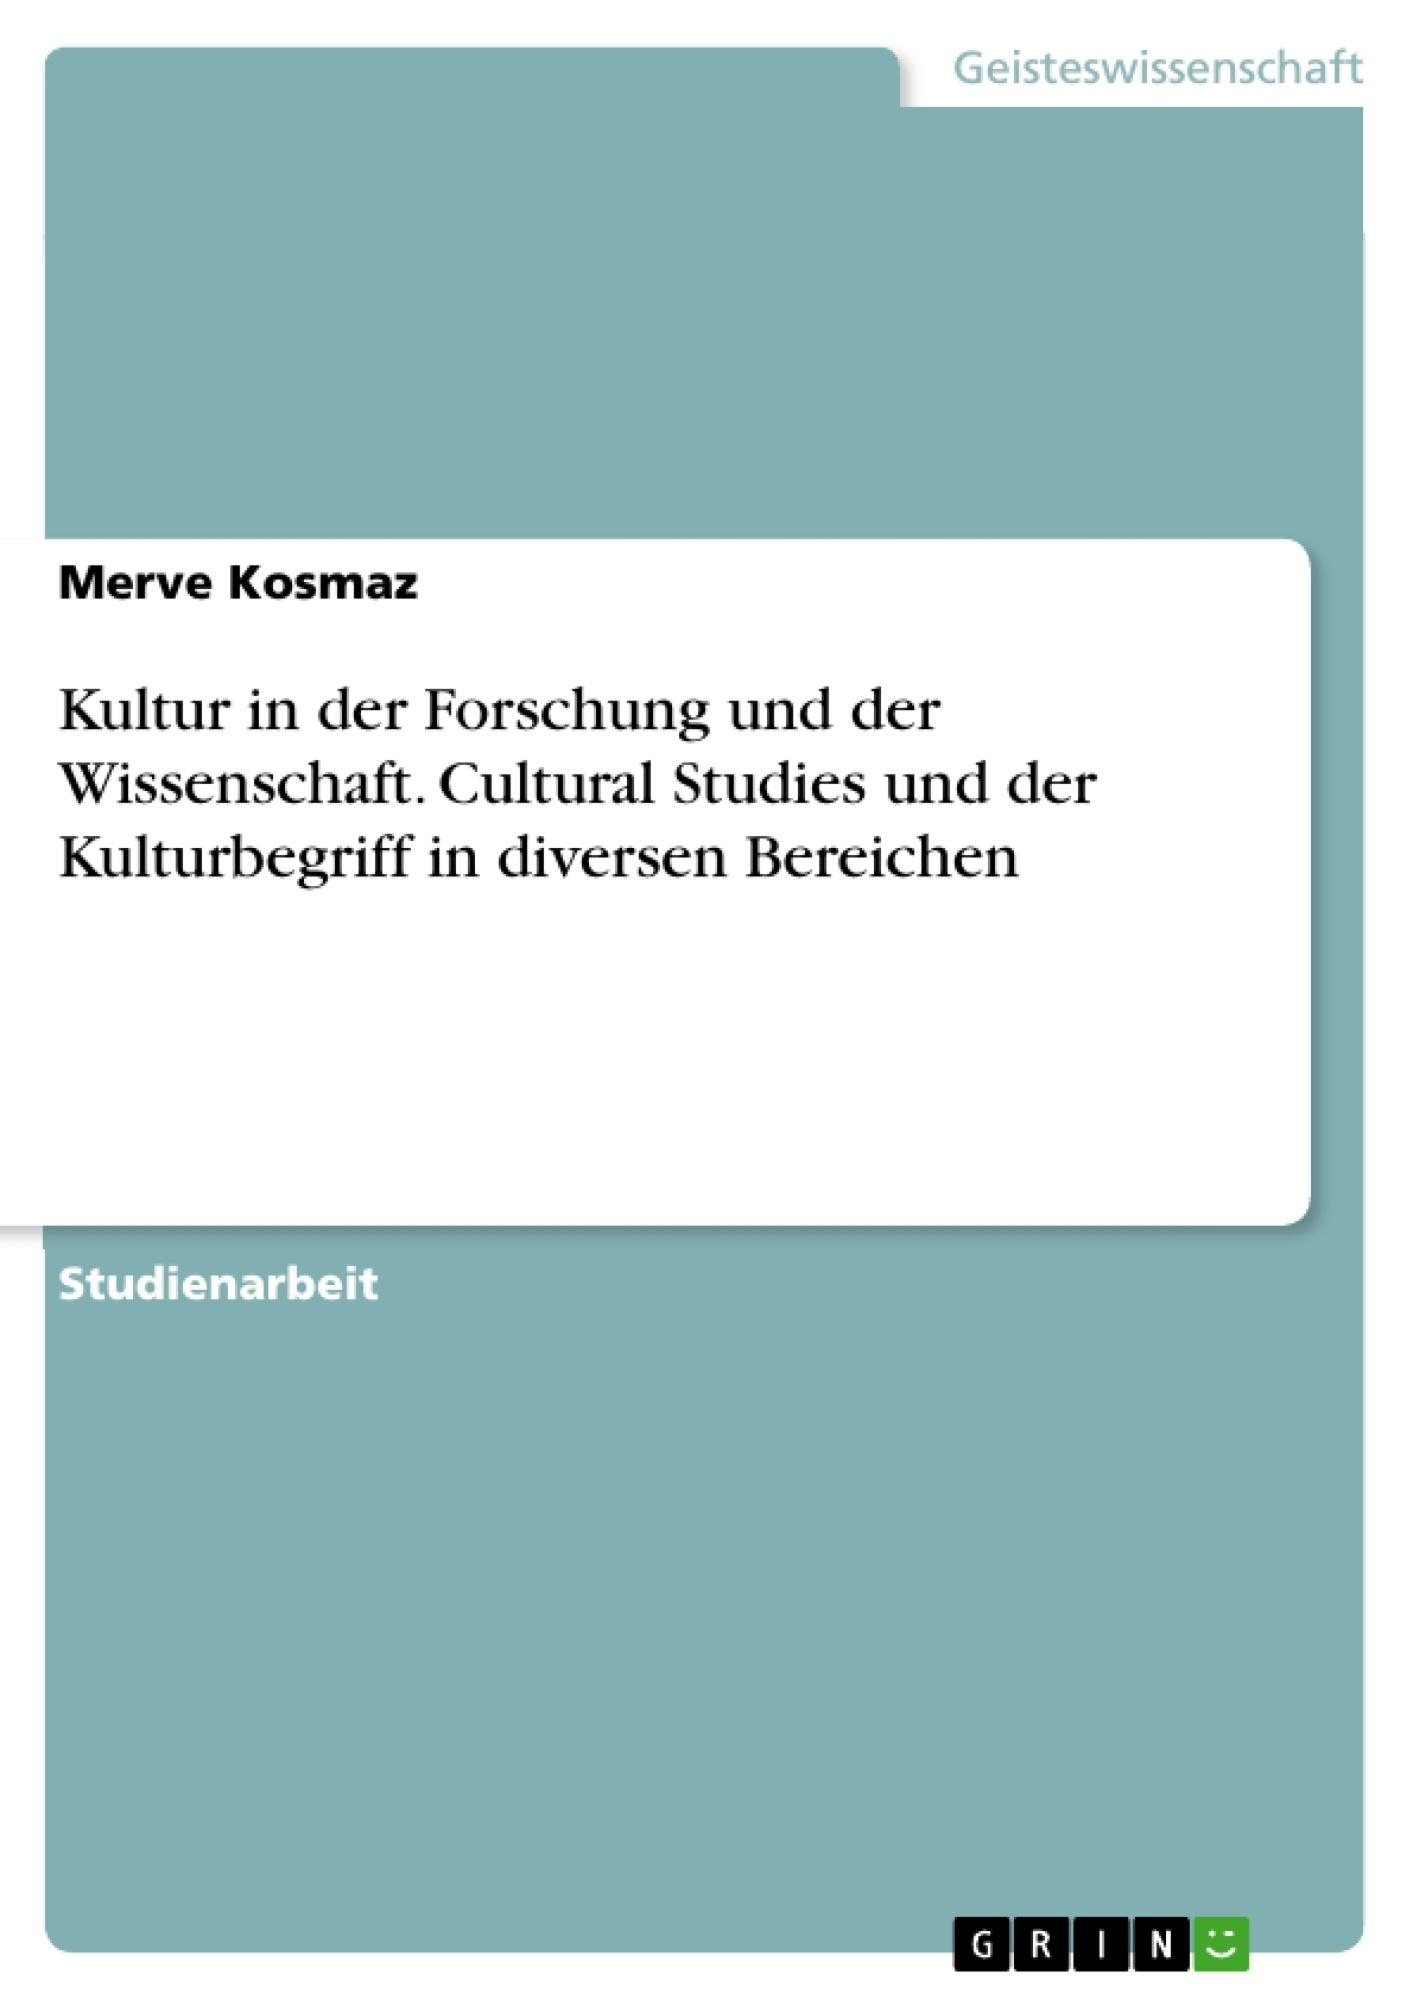 Titel: Kultur in der Forschung und der Wissenschaft. Cultural Studies und der Kulturbegriff in diversen Bereichen